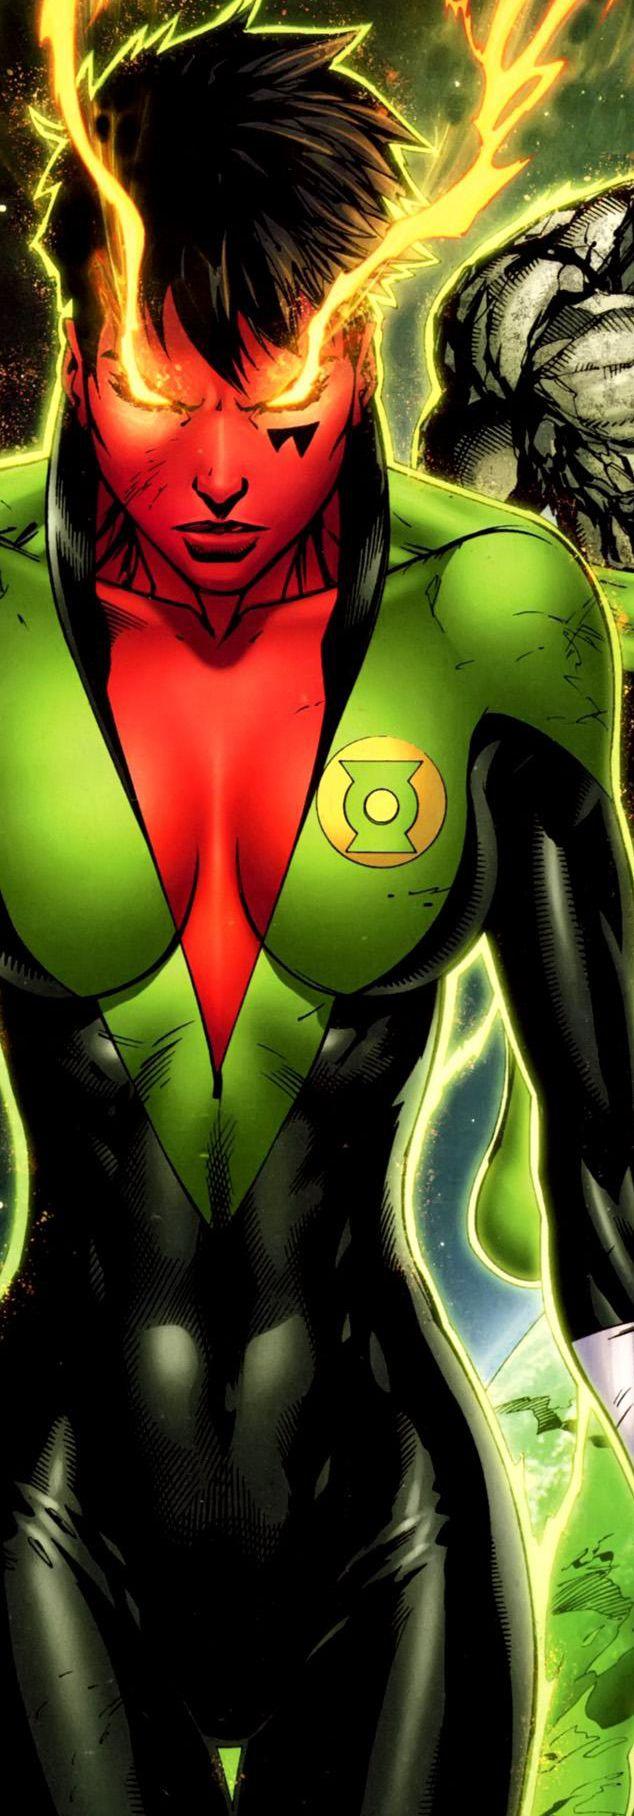 Soranik Natu in Green Lantern Corps Vol 2 #58 - Art by Tyler Kirkham, Matt Banning, Rob Hunter, & Nei Ruffino